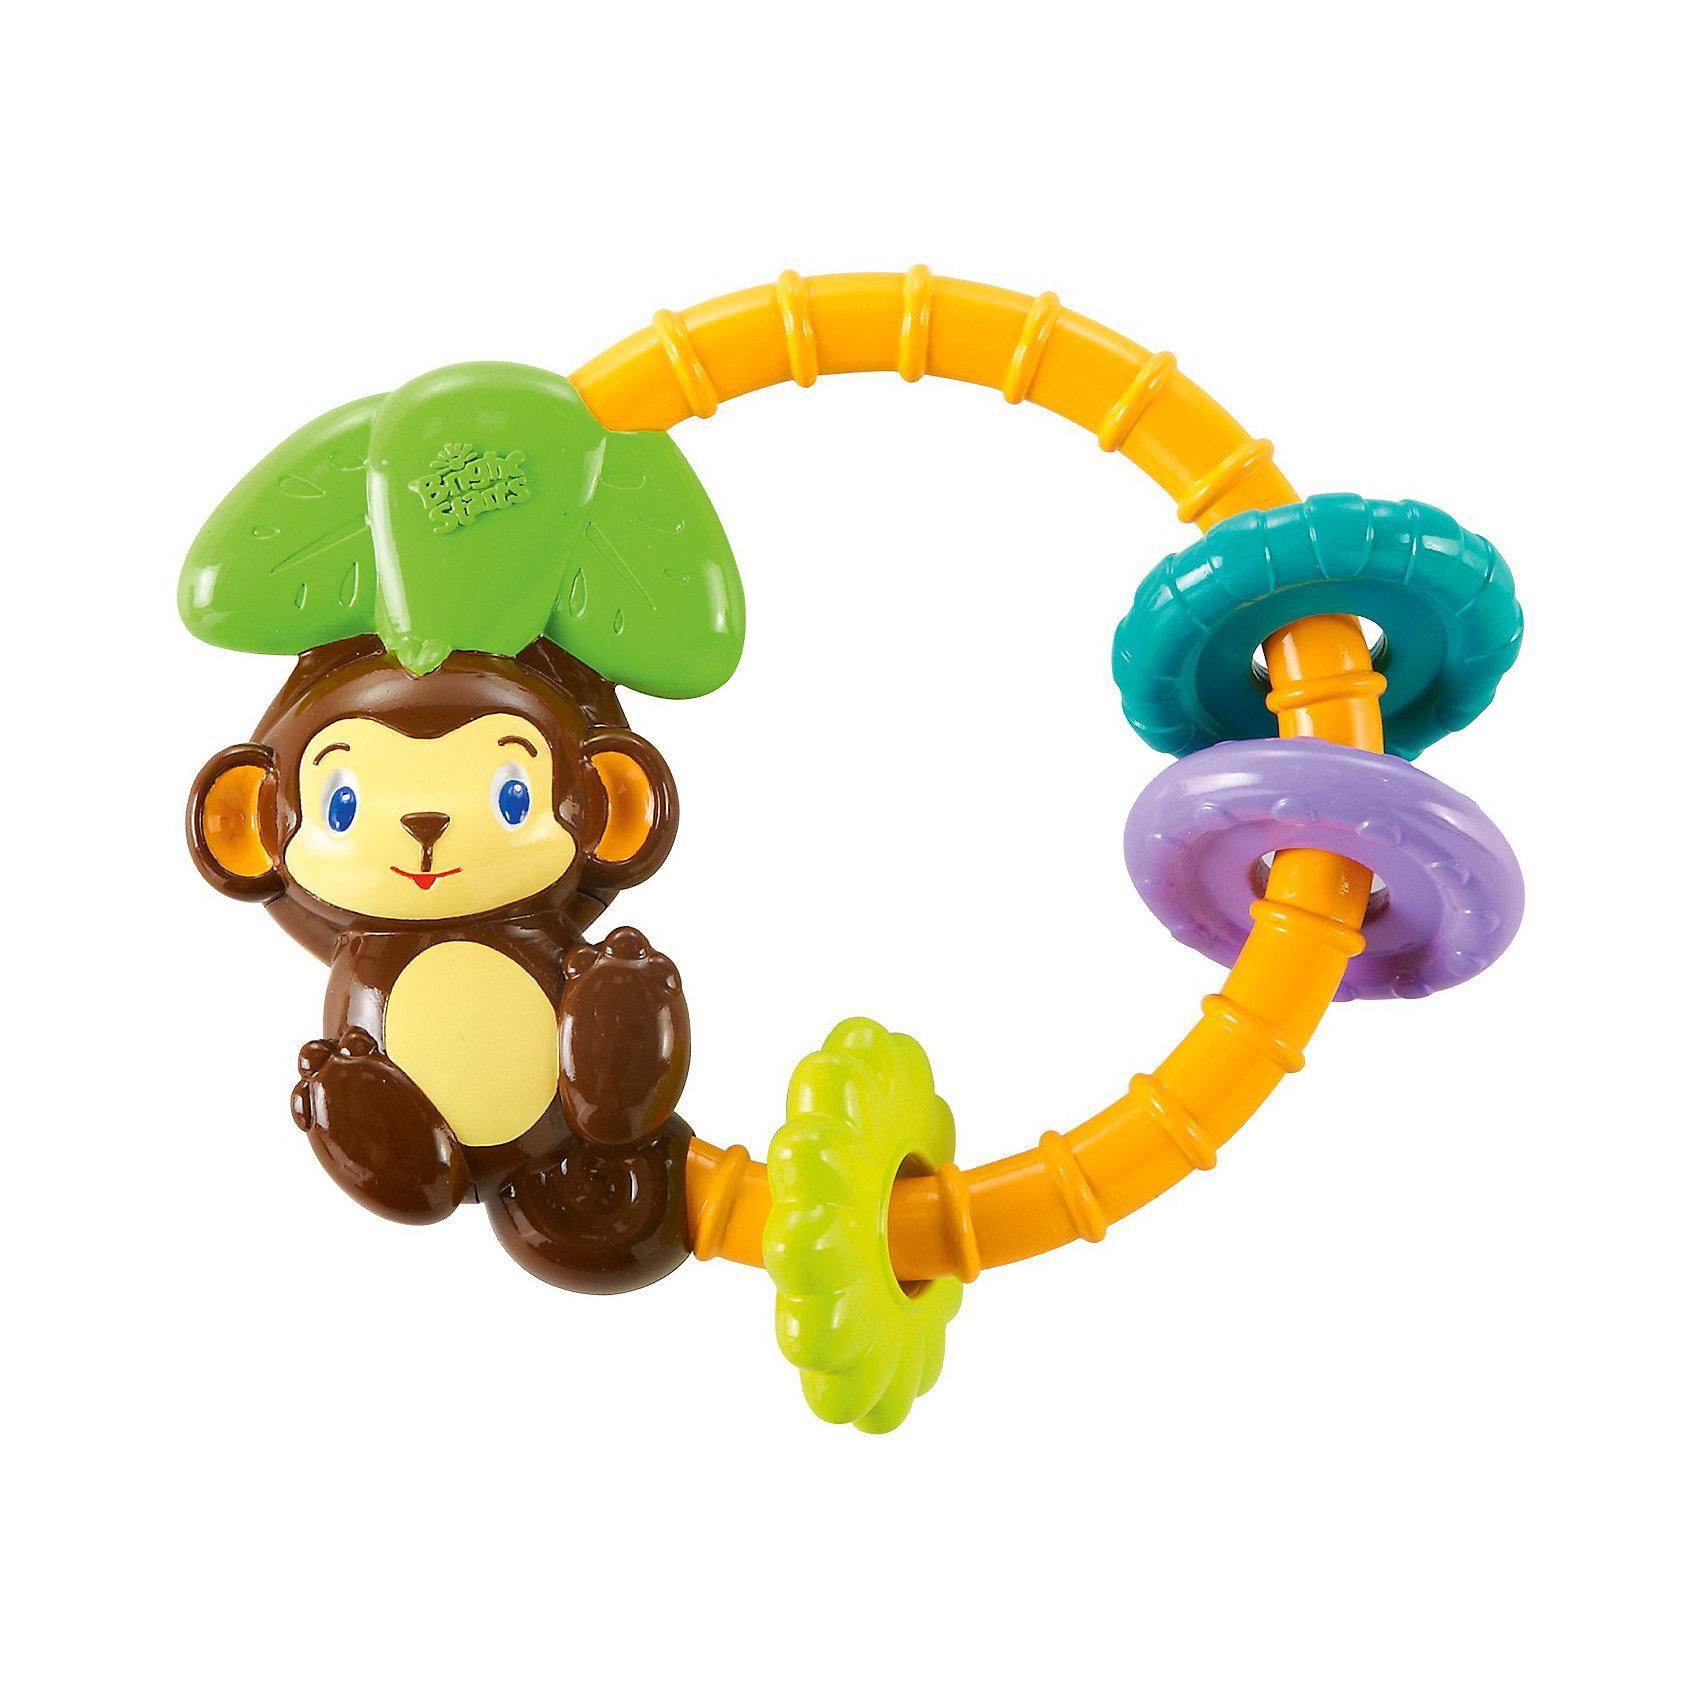 Погремушка Обезьянка, Bright StartsИгрушки для малышей<br>Обезьянка – это разноцветная рельефная погремушка, которая сможет развлечь малыша. Она предназначается для крох возрастом от 3 месяца до 1 года. Рельефная погремушка издает забавные звуки джунглей. Чтобы услышать короткие мелодии и звуки животных достаточно потрясти игрушку. Ребенок с легкостью сможет схватить ее маленькими ручками. Погремушка развивает слух и моторику малыша. <br><br>Дополнительная информация:<br><br>- материал: пластик <br>- цвет: многоцветный<br>- размер упаковки (коробки):16 х 3 х 20 см.<br>- вес: 12 гр.<br><br>Погремушку Обезьянка можно купить в нашем интернет магазине.<br><br>Ширина мм: 160<br>Глубина мм: 200<br>Высота мм: 30<br>Вес г: 117<br>Возраст от месяцев: 0<br>Возраст до месяцев: 12<br>Пол: Унисекс<br>Возраст: Детский<br>SKU: 3345340